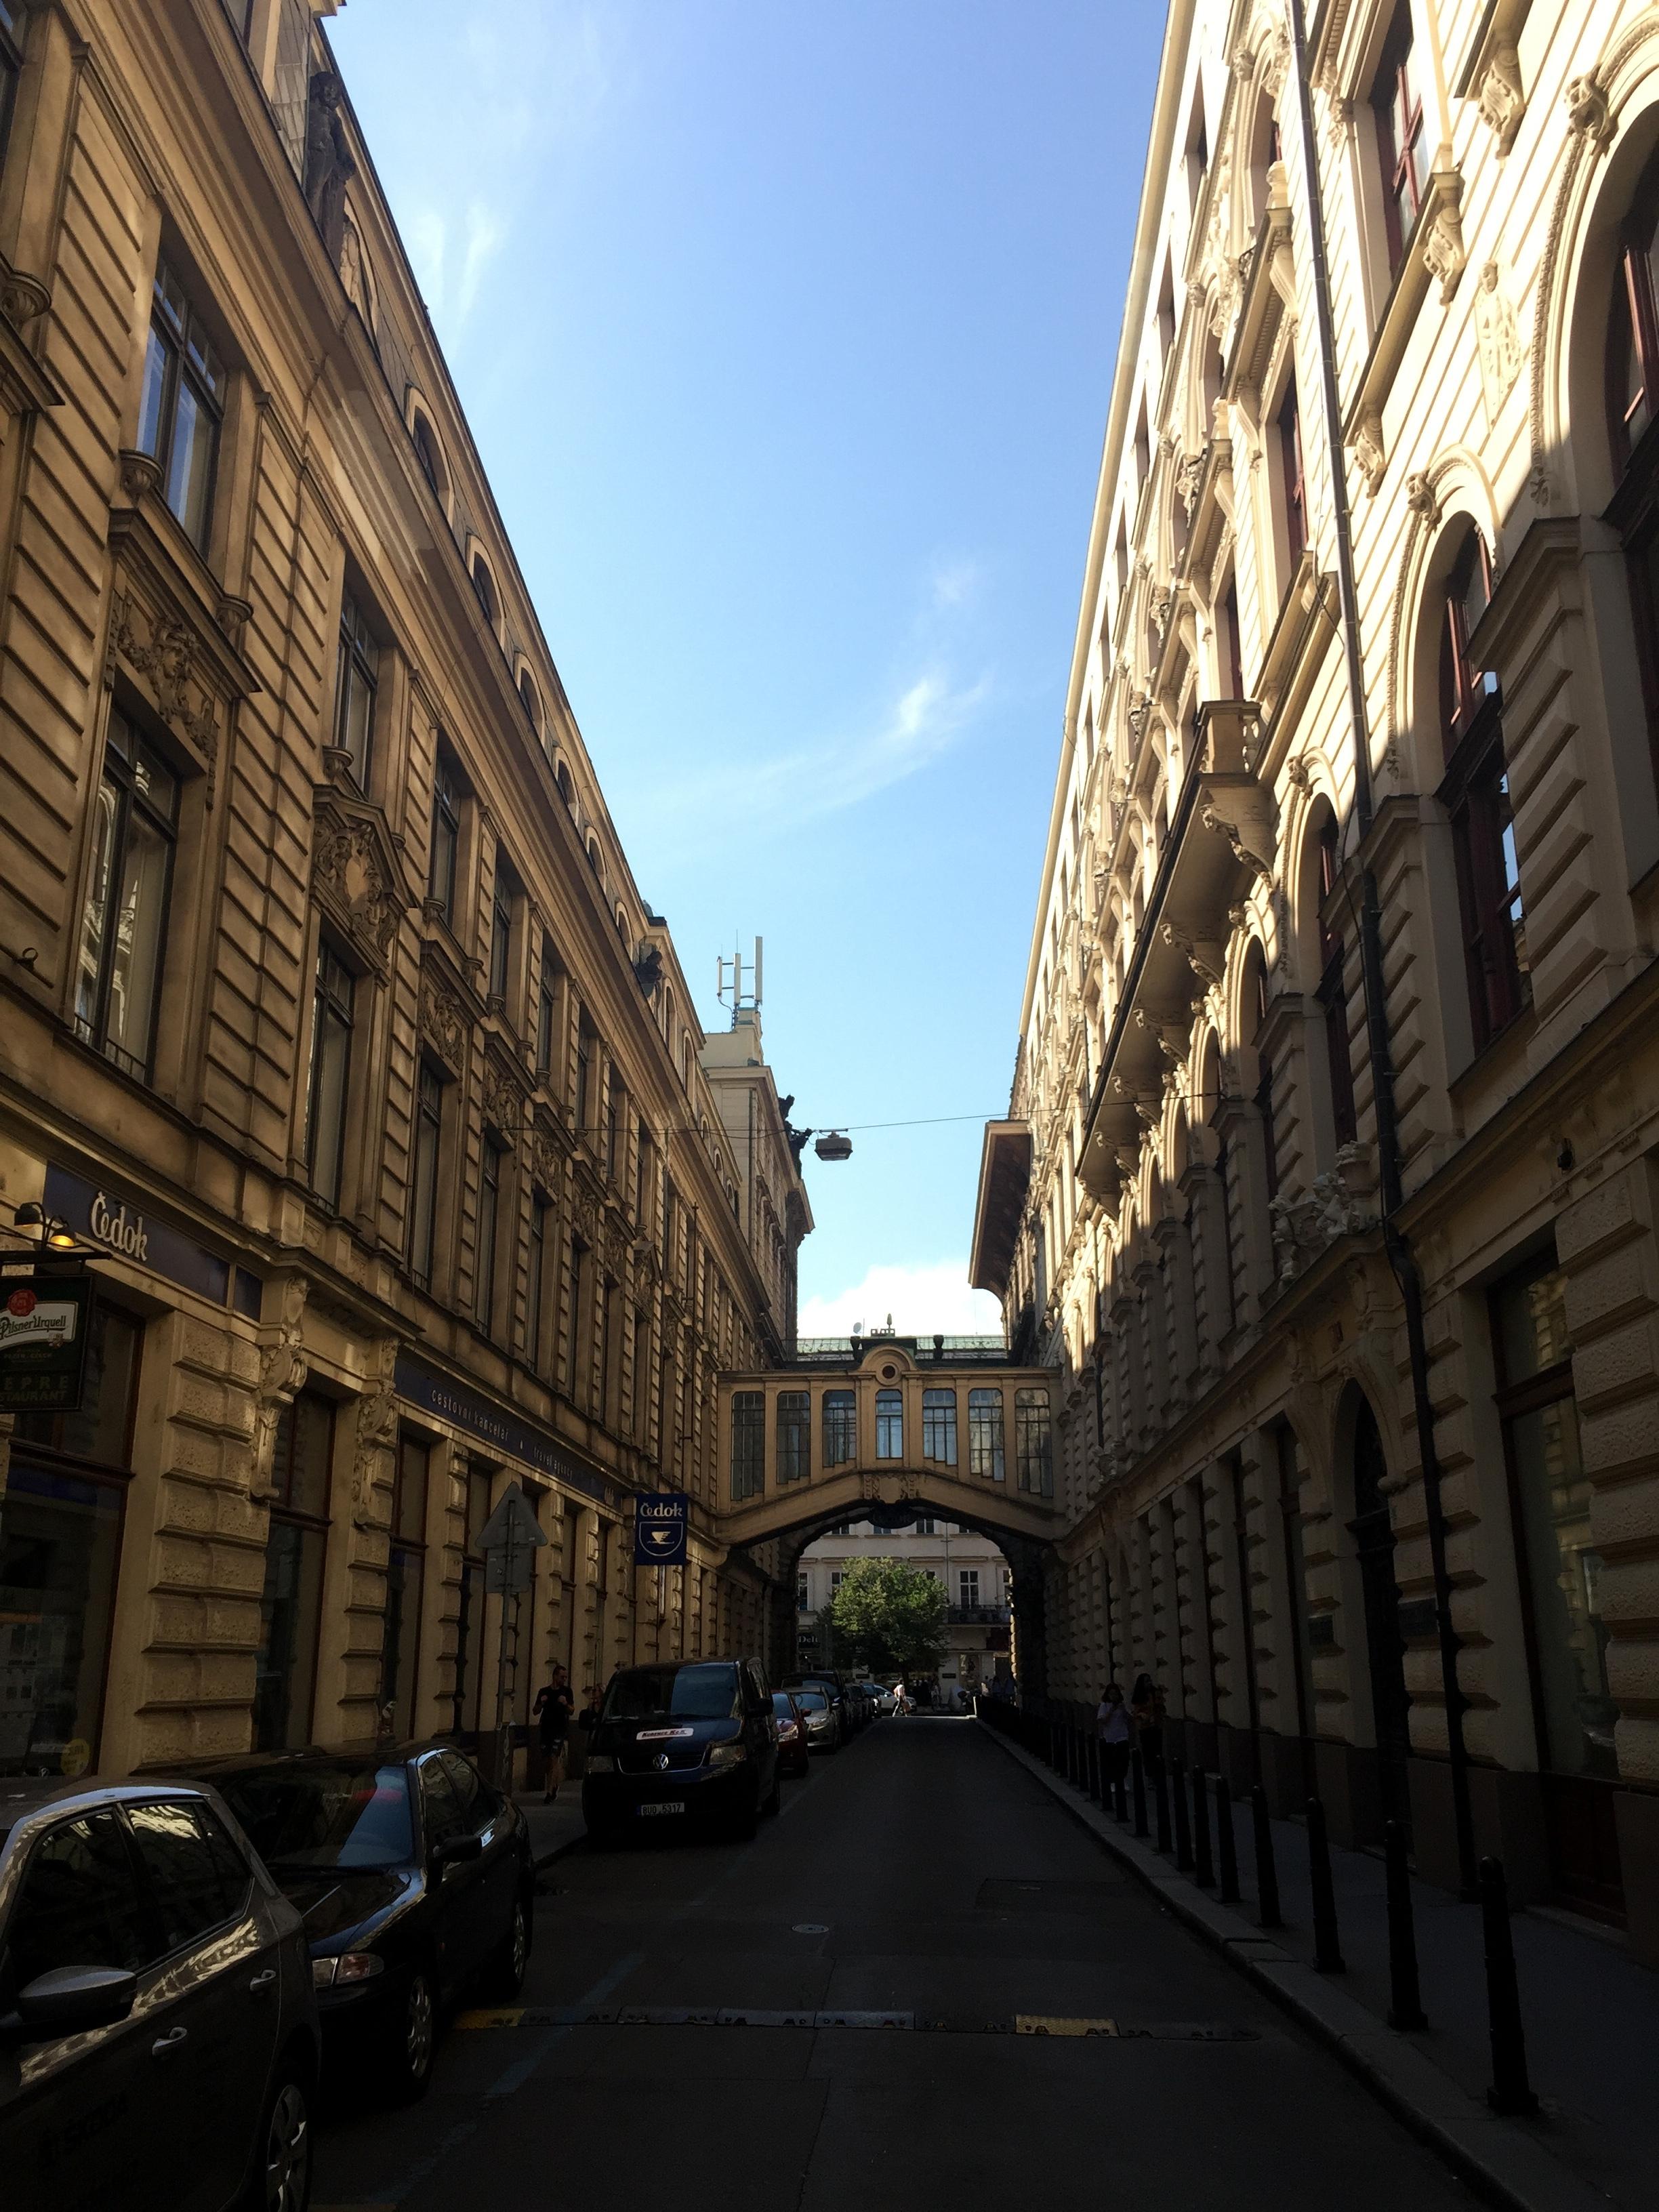 pootling around Prague